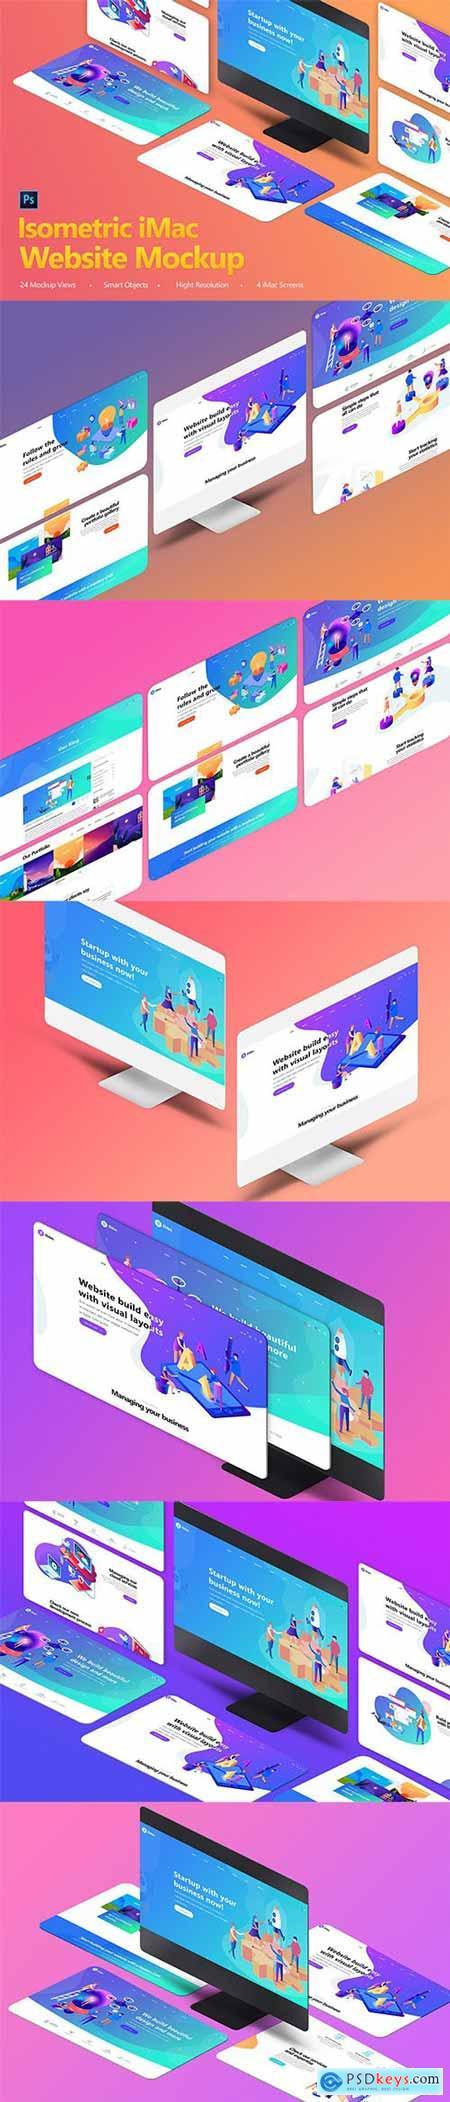 Isometric iMas Website Mockup